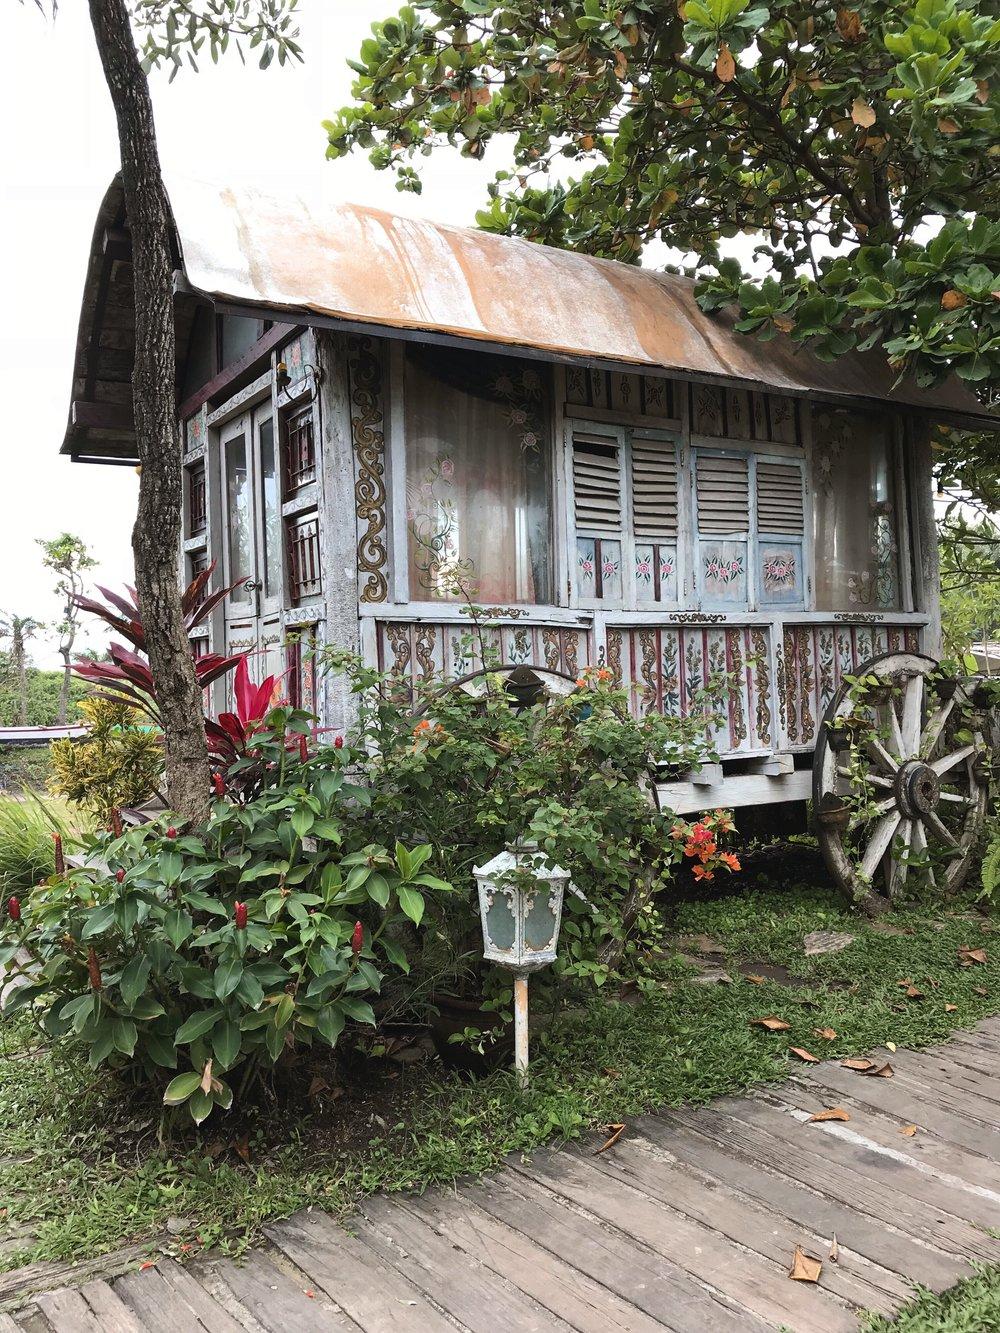 Where to find LaLaguna - Jalan Pantai Kayu Putih, Berawa, Canggu, Tibubeneng, Kuta Utara, Kabupaten Badung, Bali 80361, Indonesia